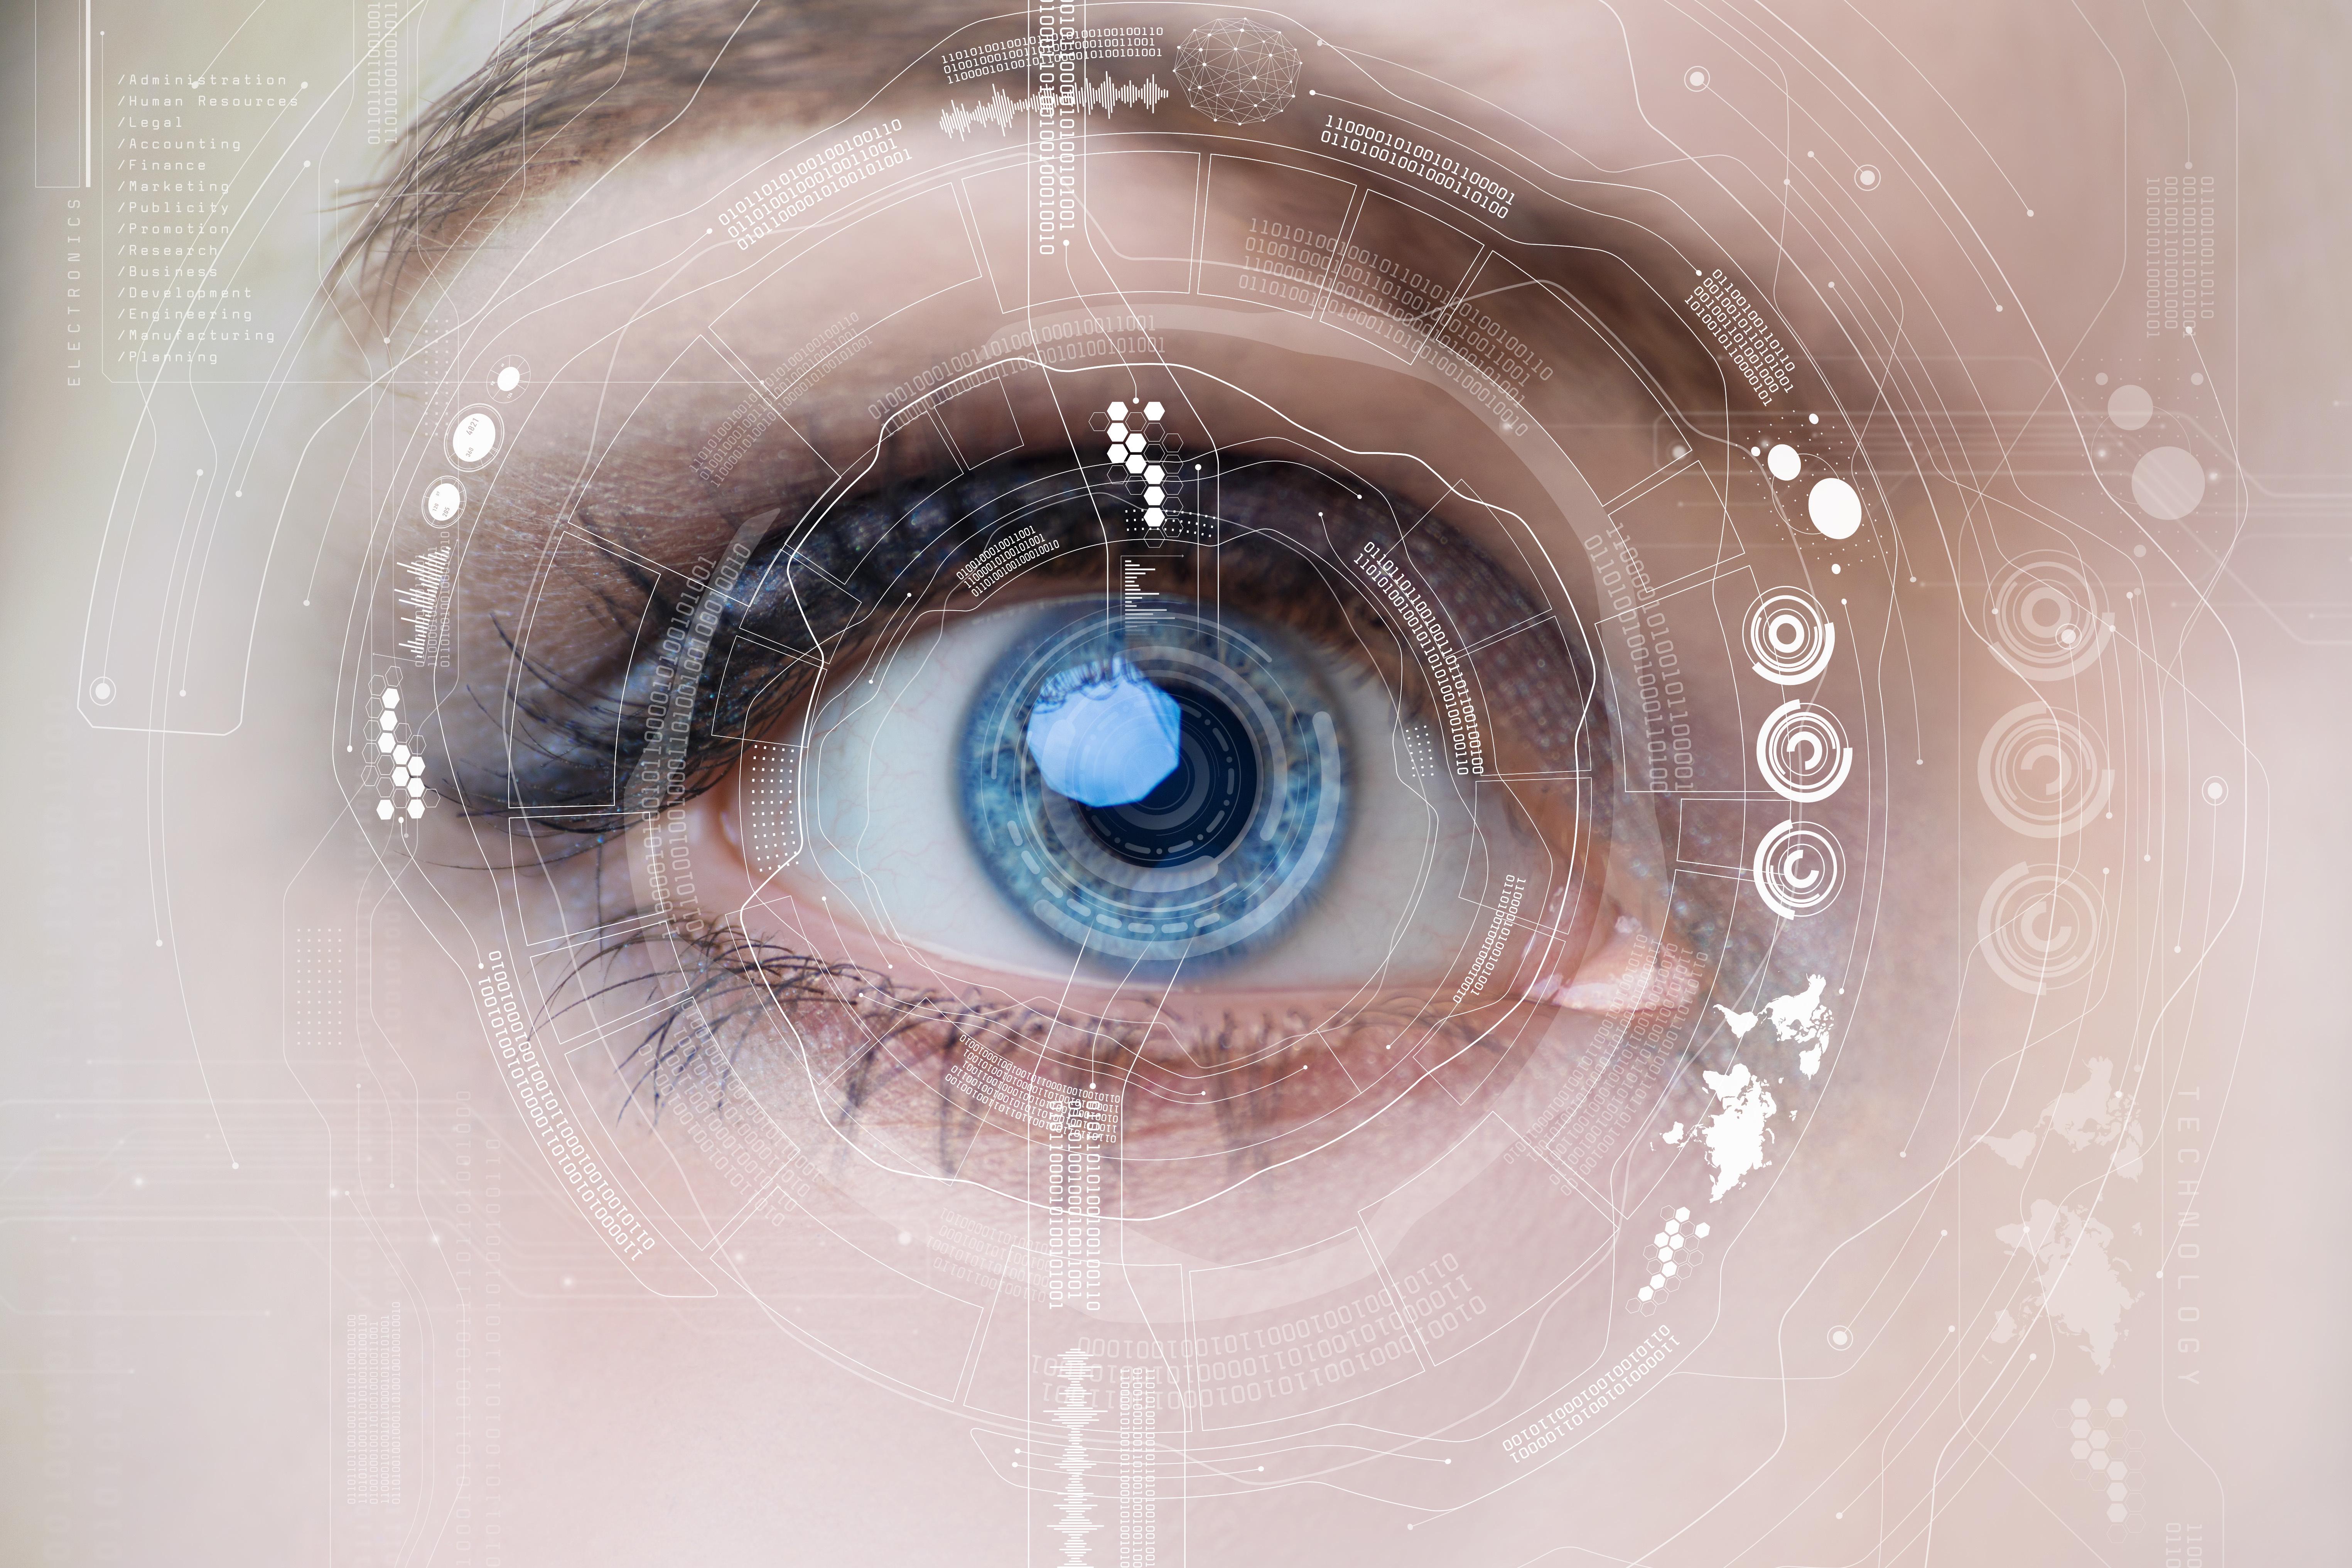 œil humain et interface graphique. concept de lentilles de contact intelligentes.